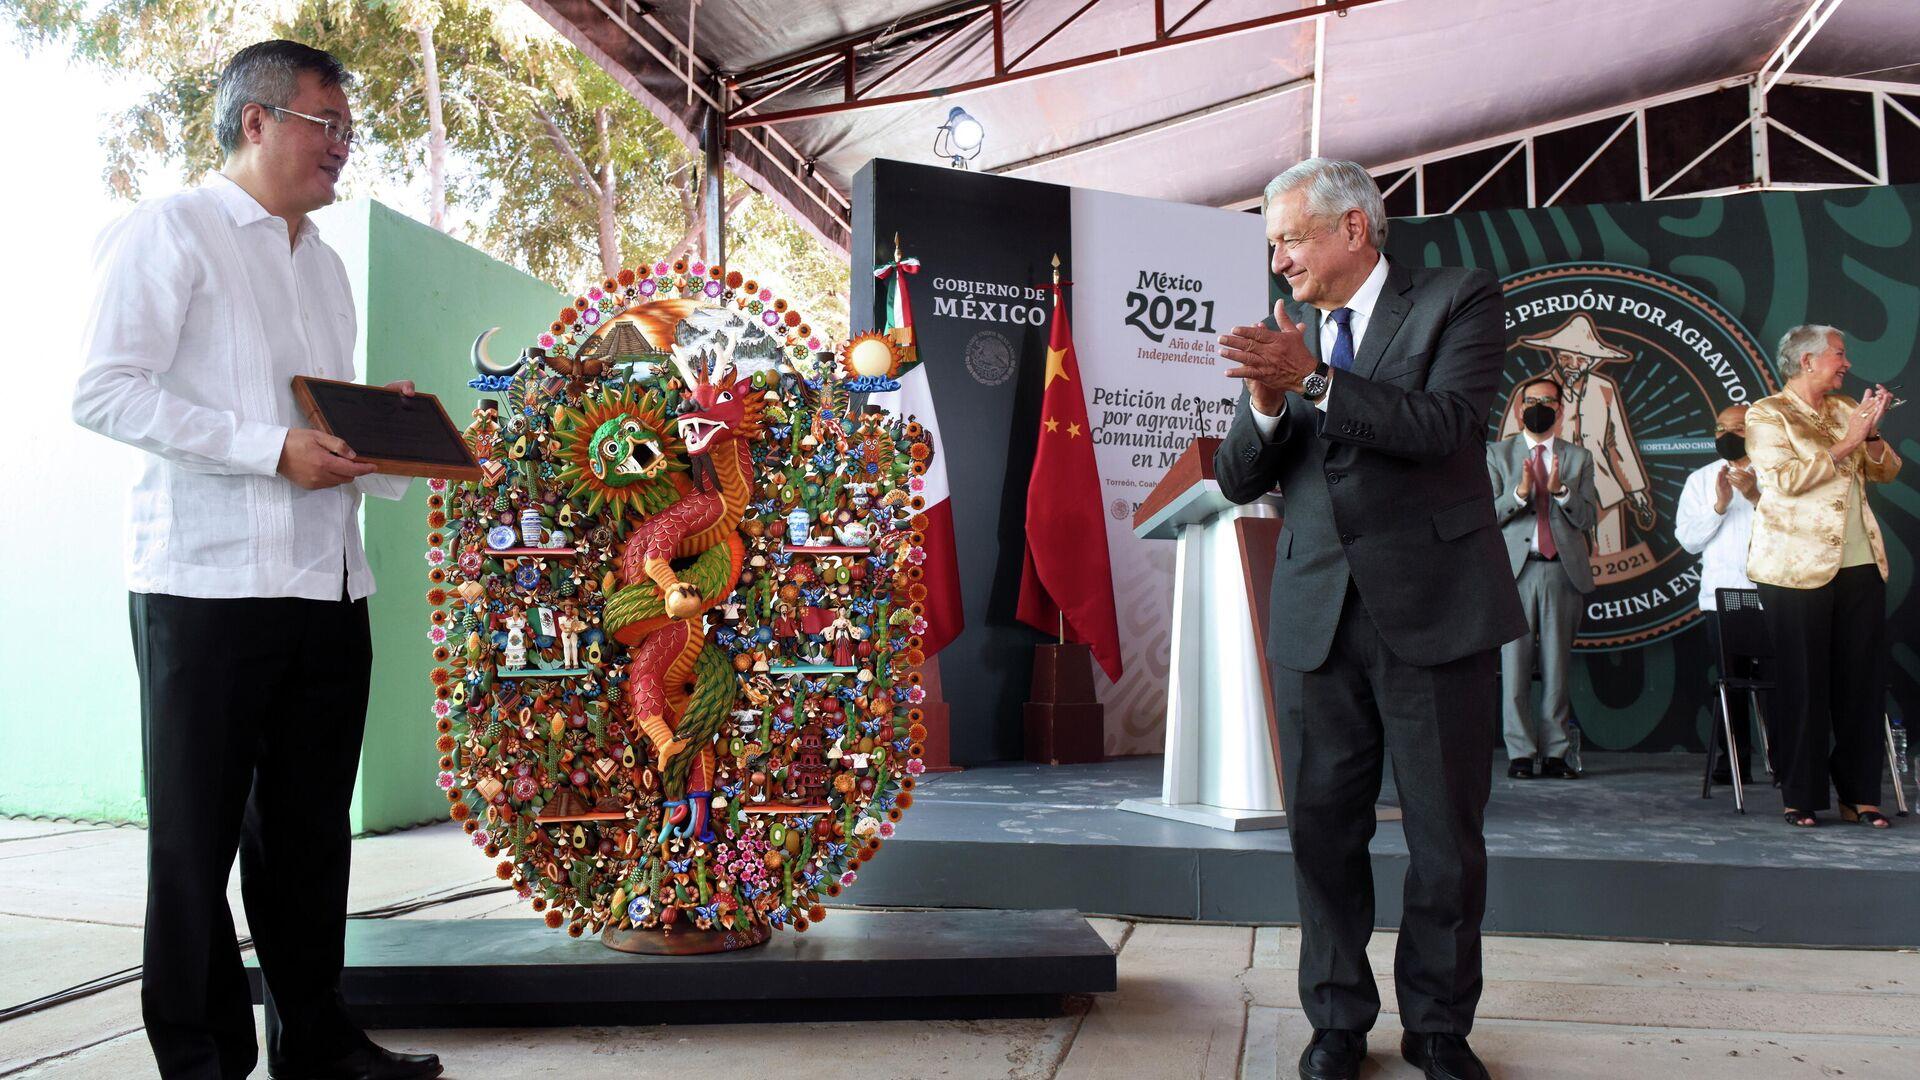 El presidente de México, Andrés Manuel López Obrador, durante el acta de conmemoración de 110 años de la masacre de Torreón - Sputnik Mundo, 1920, 17.05.2021